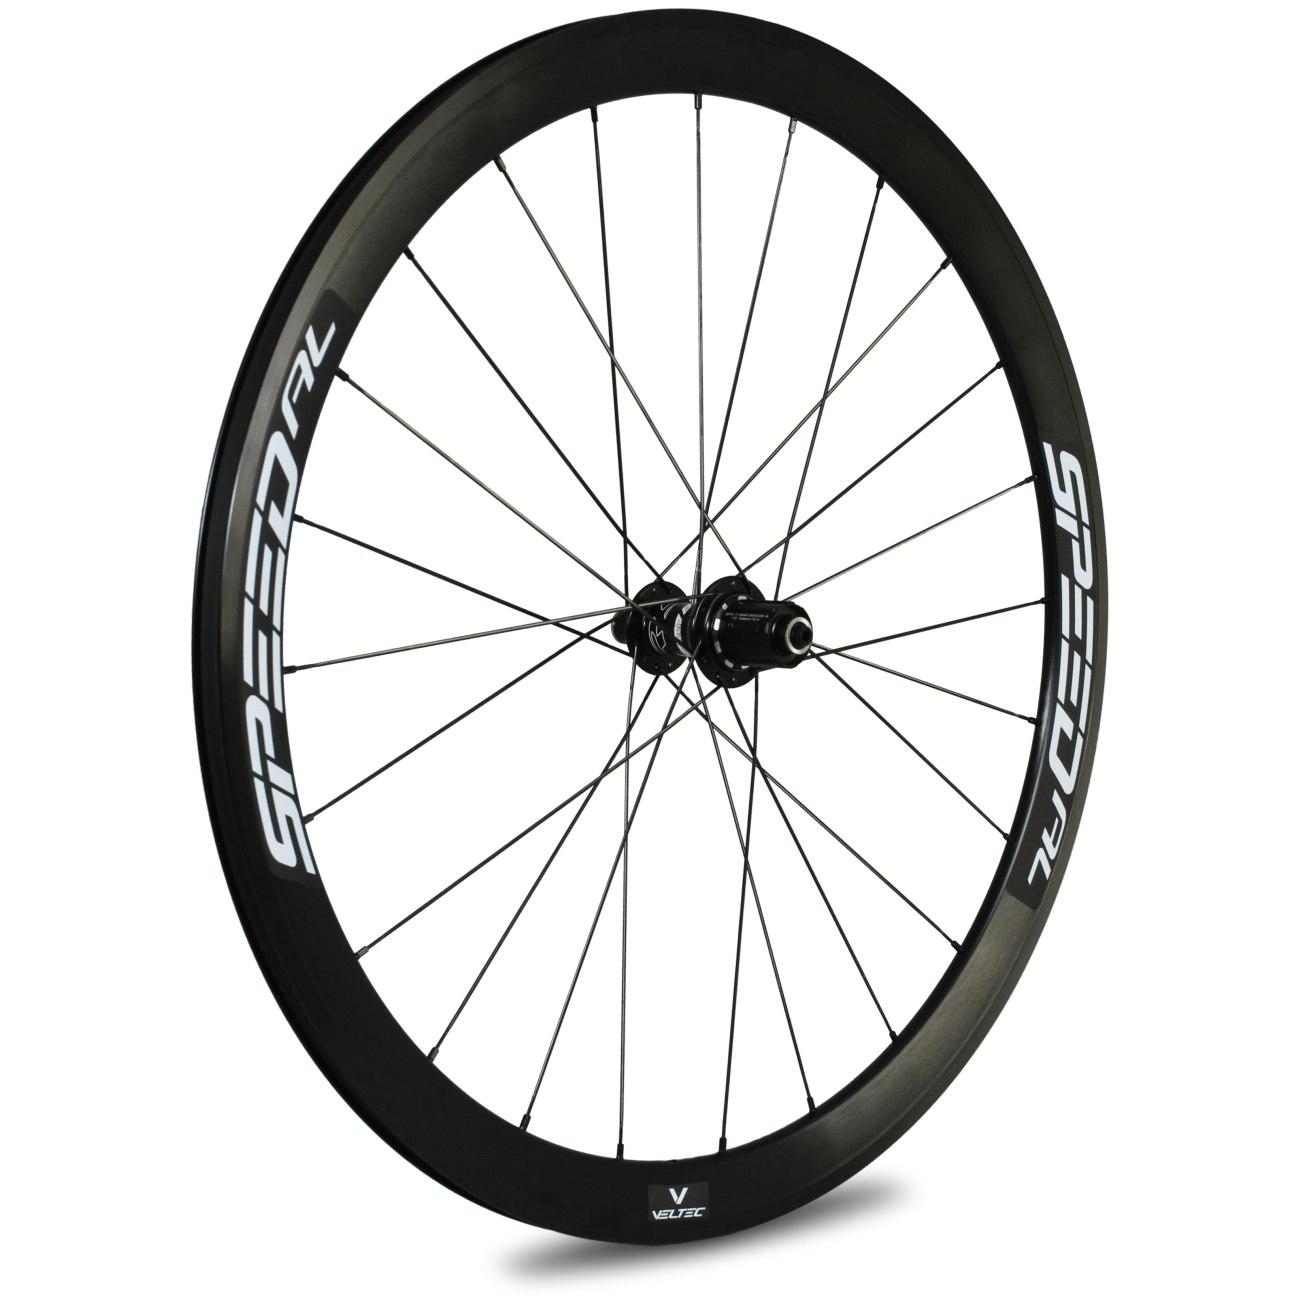 Veltec Speed AL Hinterrad - Drahtreifen - QR130 - schwarz mit weißen Decals